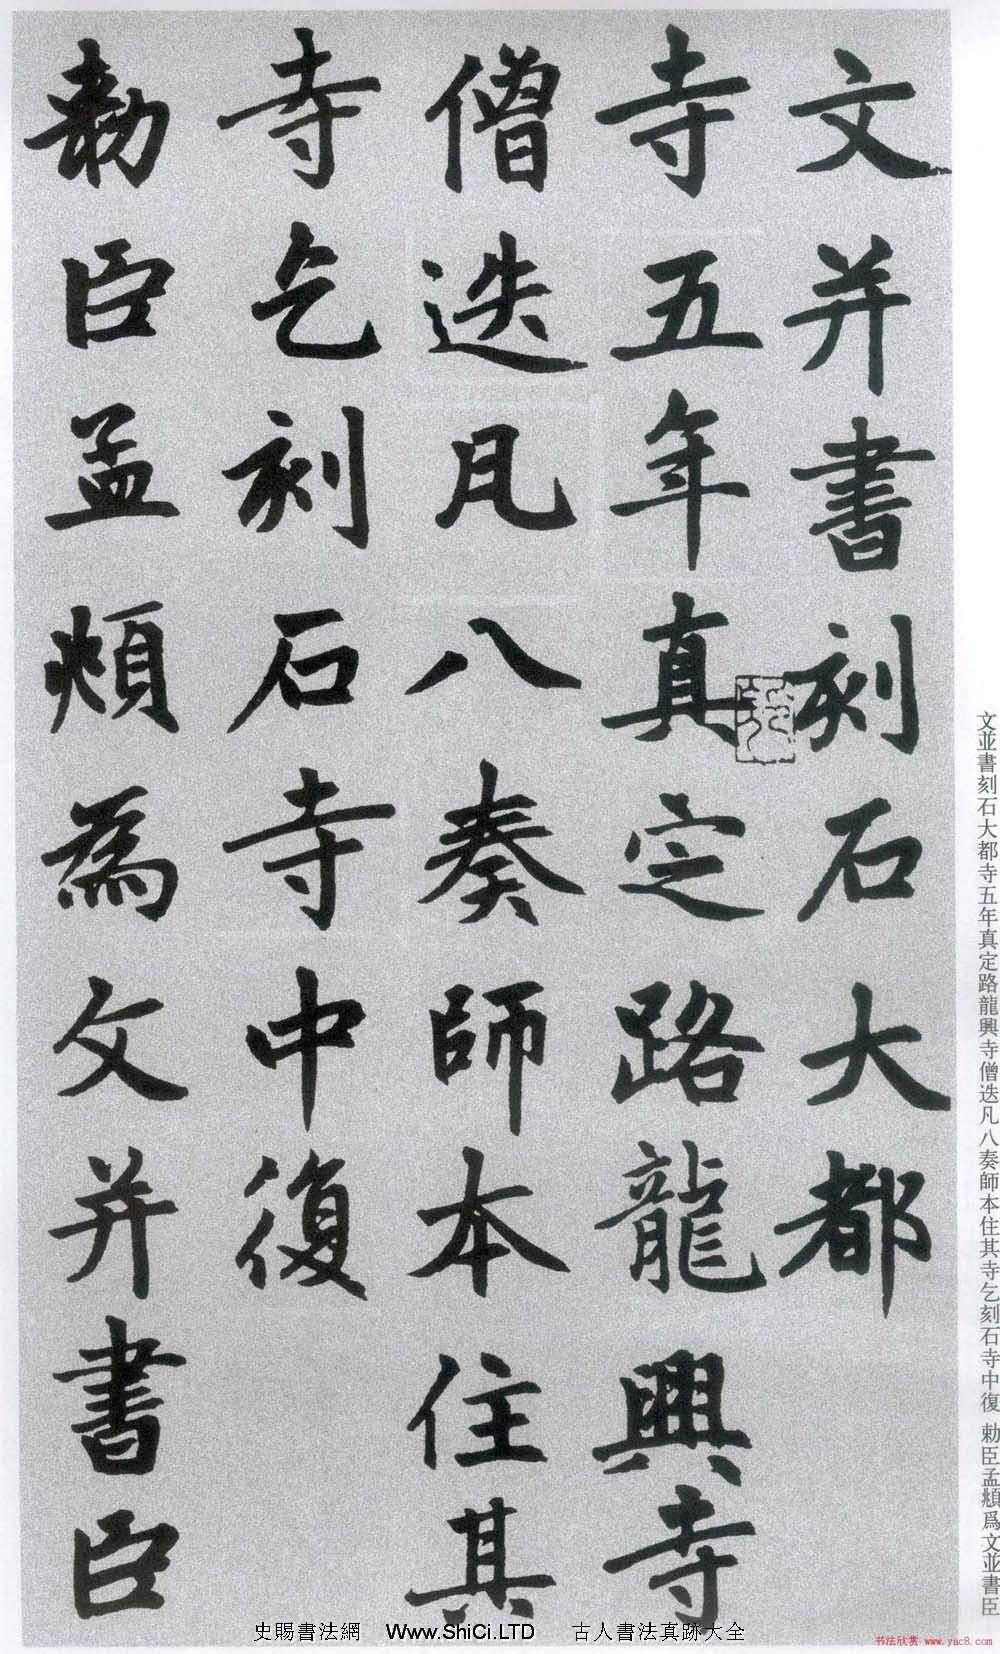 楷書字帖:趙孟俯放大楷書《膽巴碑》